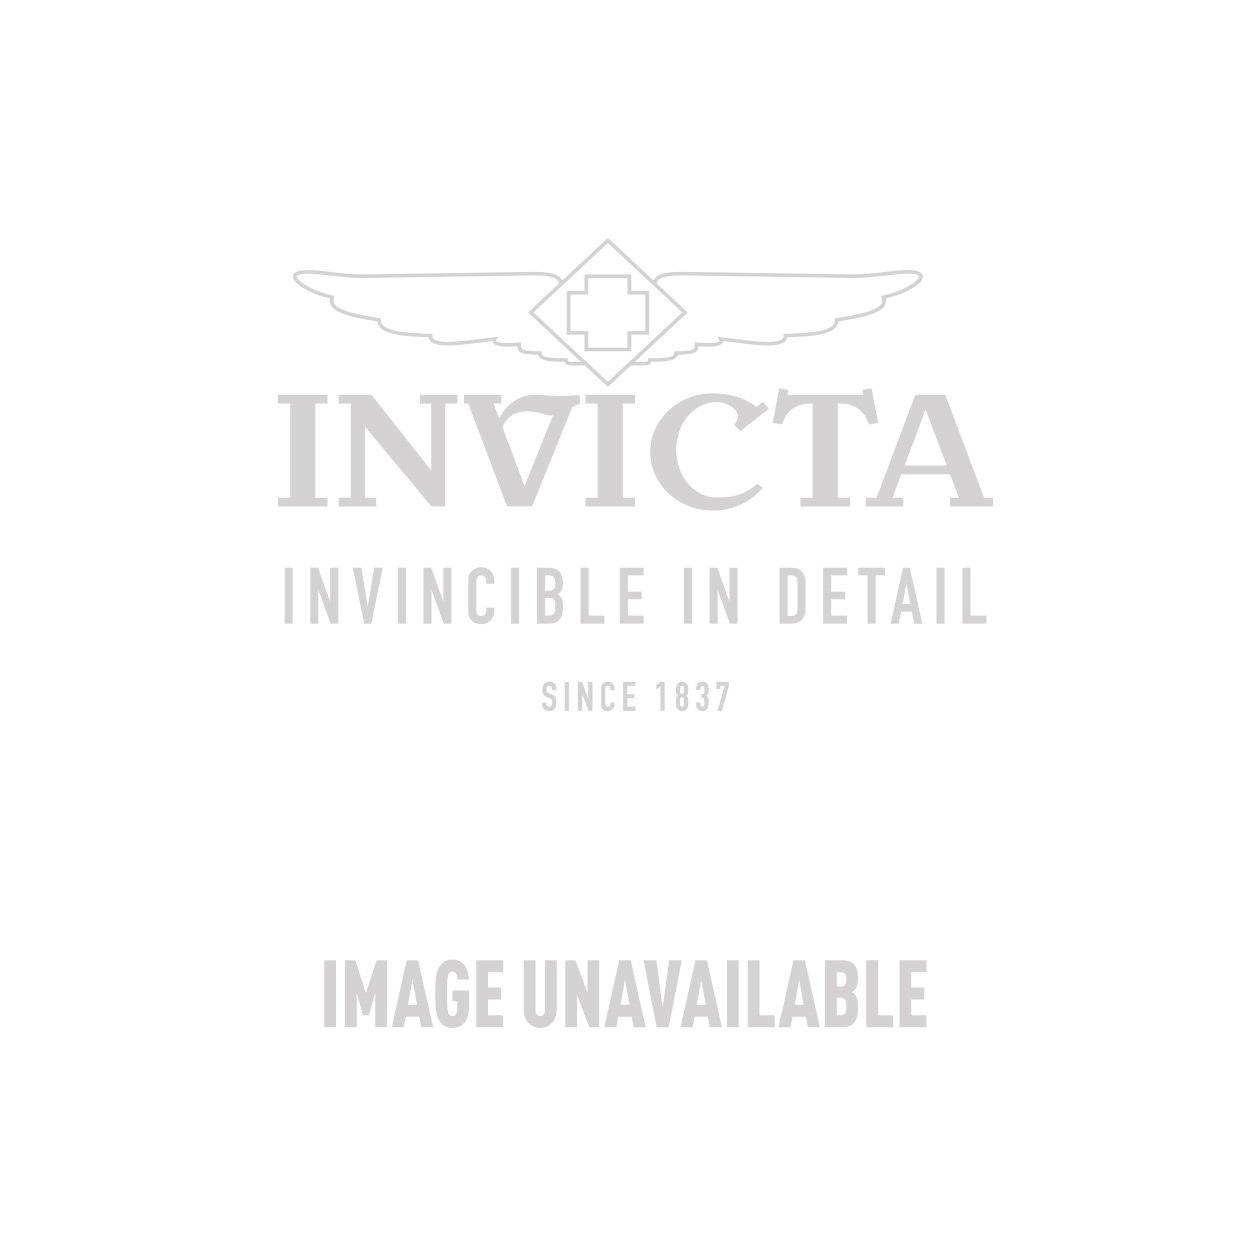 Invicta Model 27062